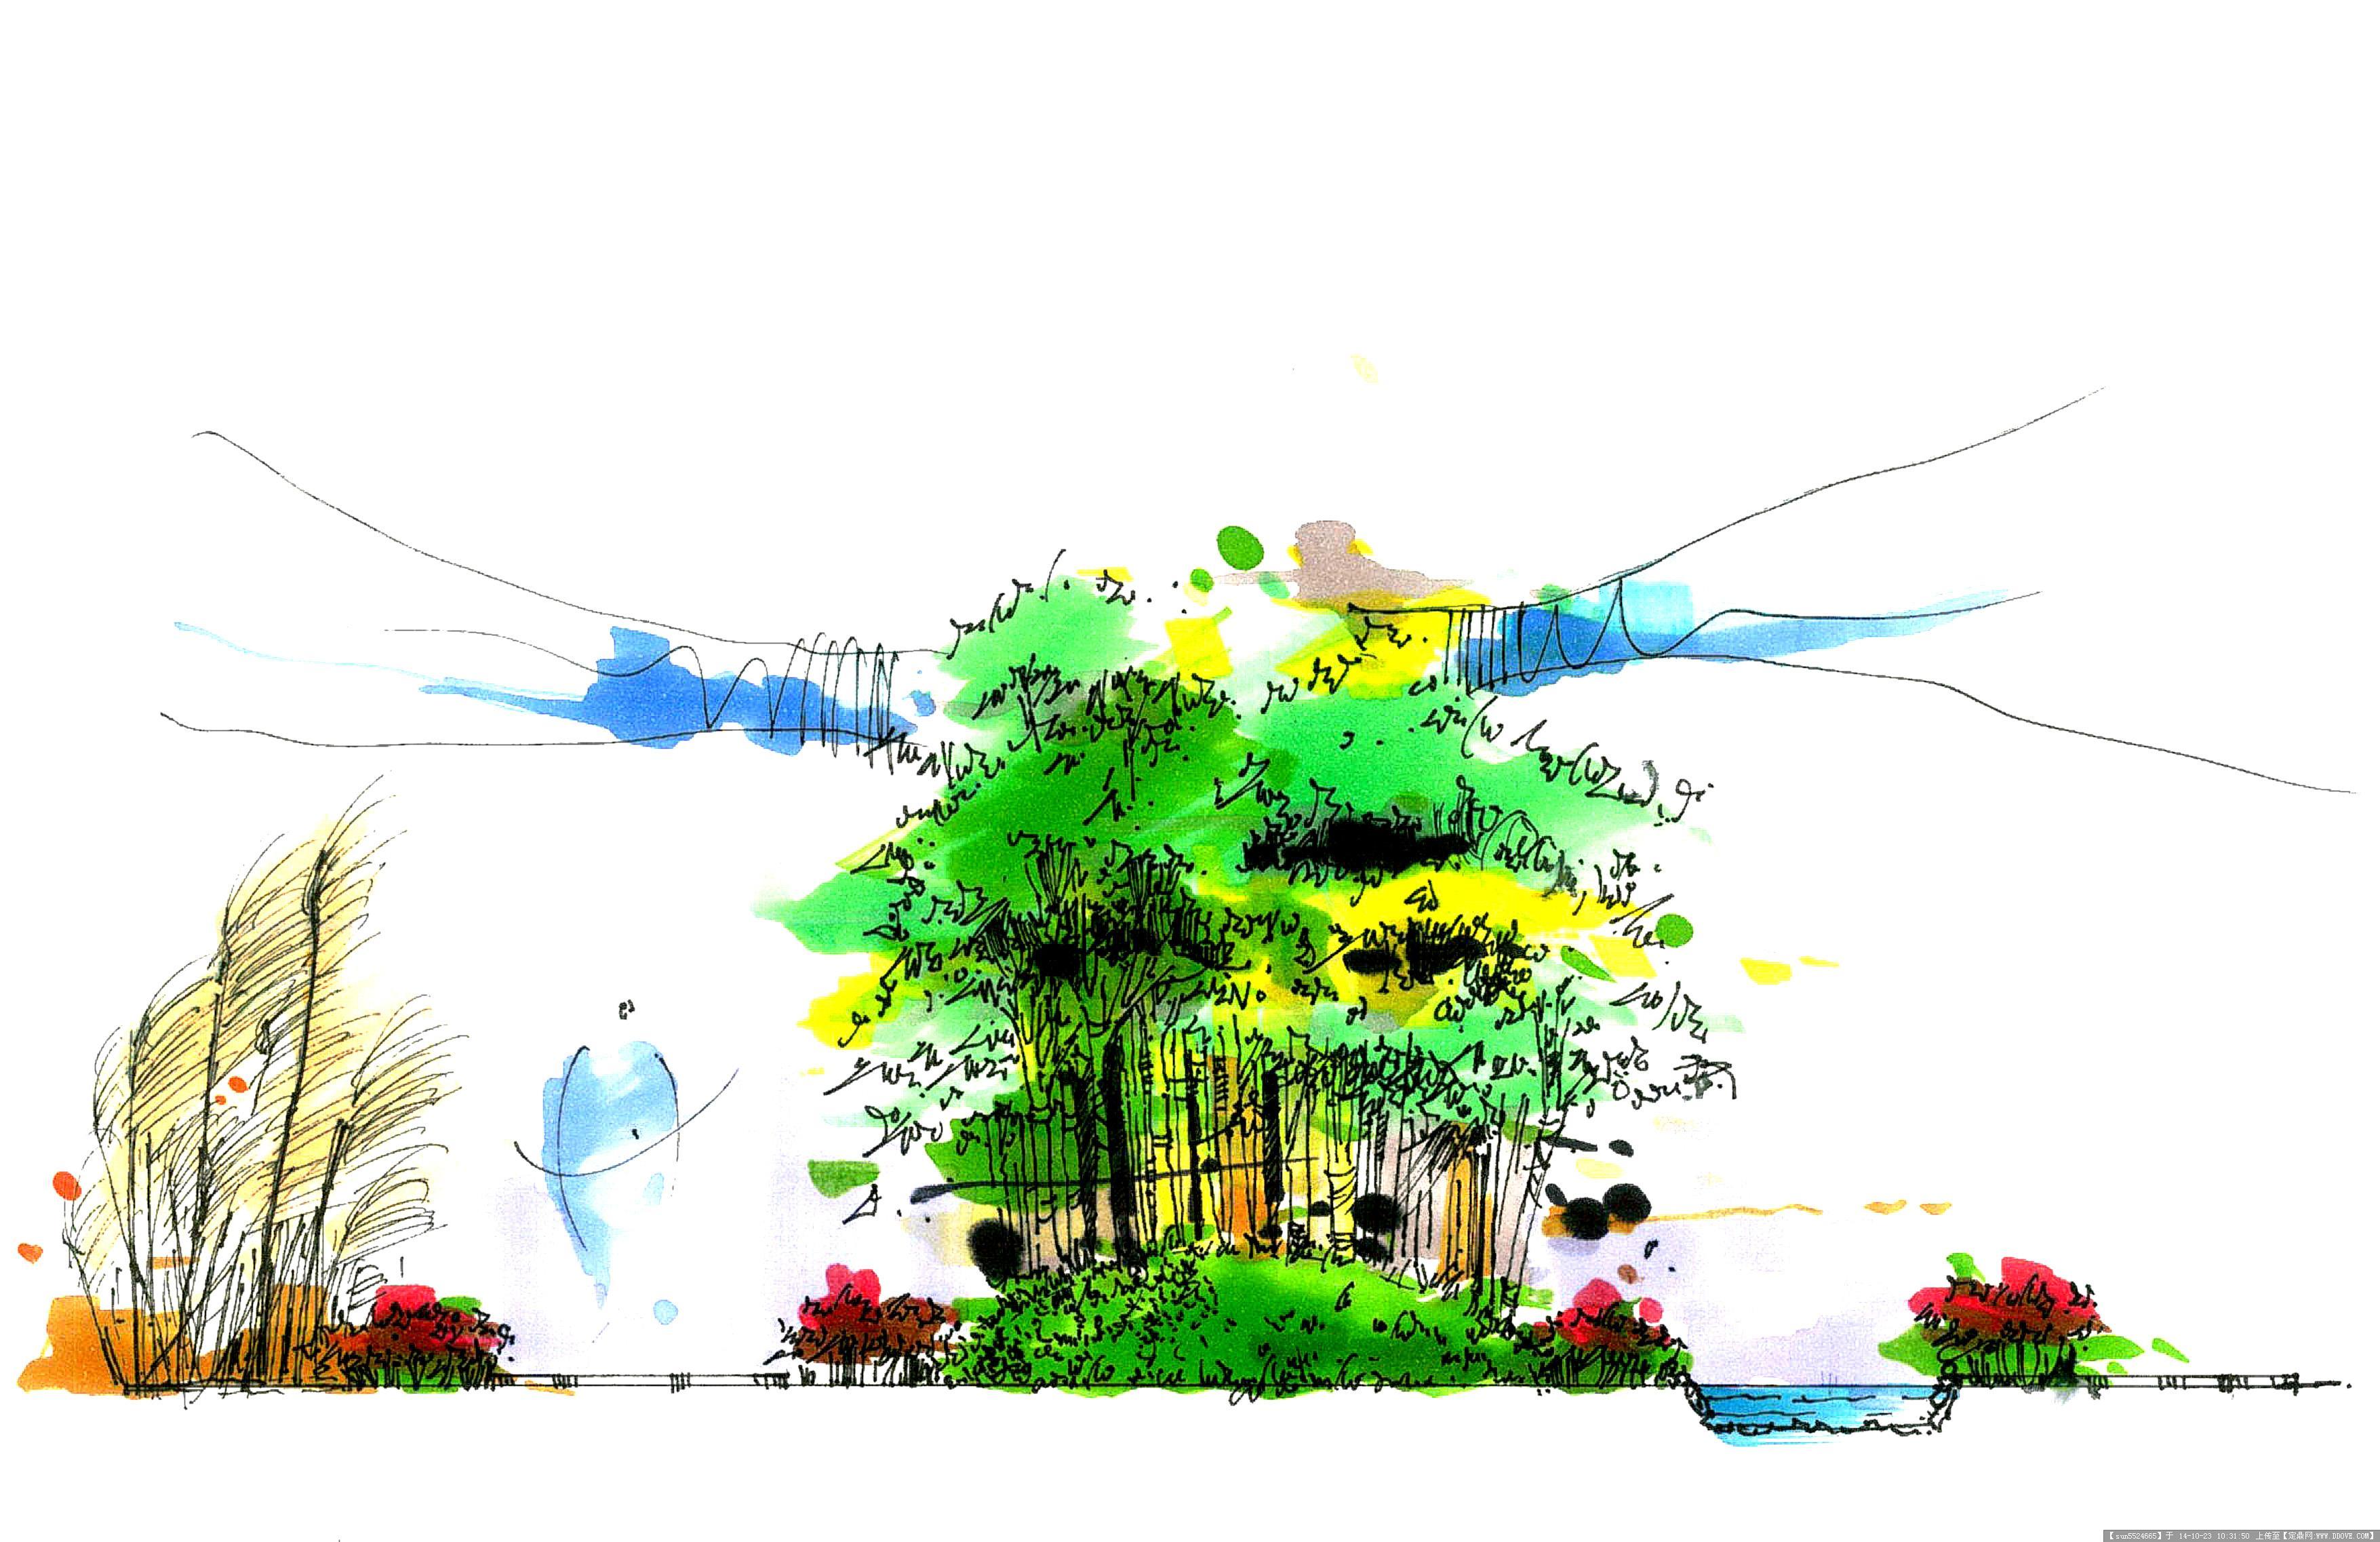 几张精细马克笔手绘效果图的图片浏览